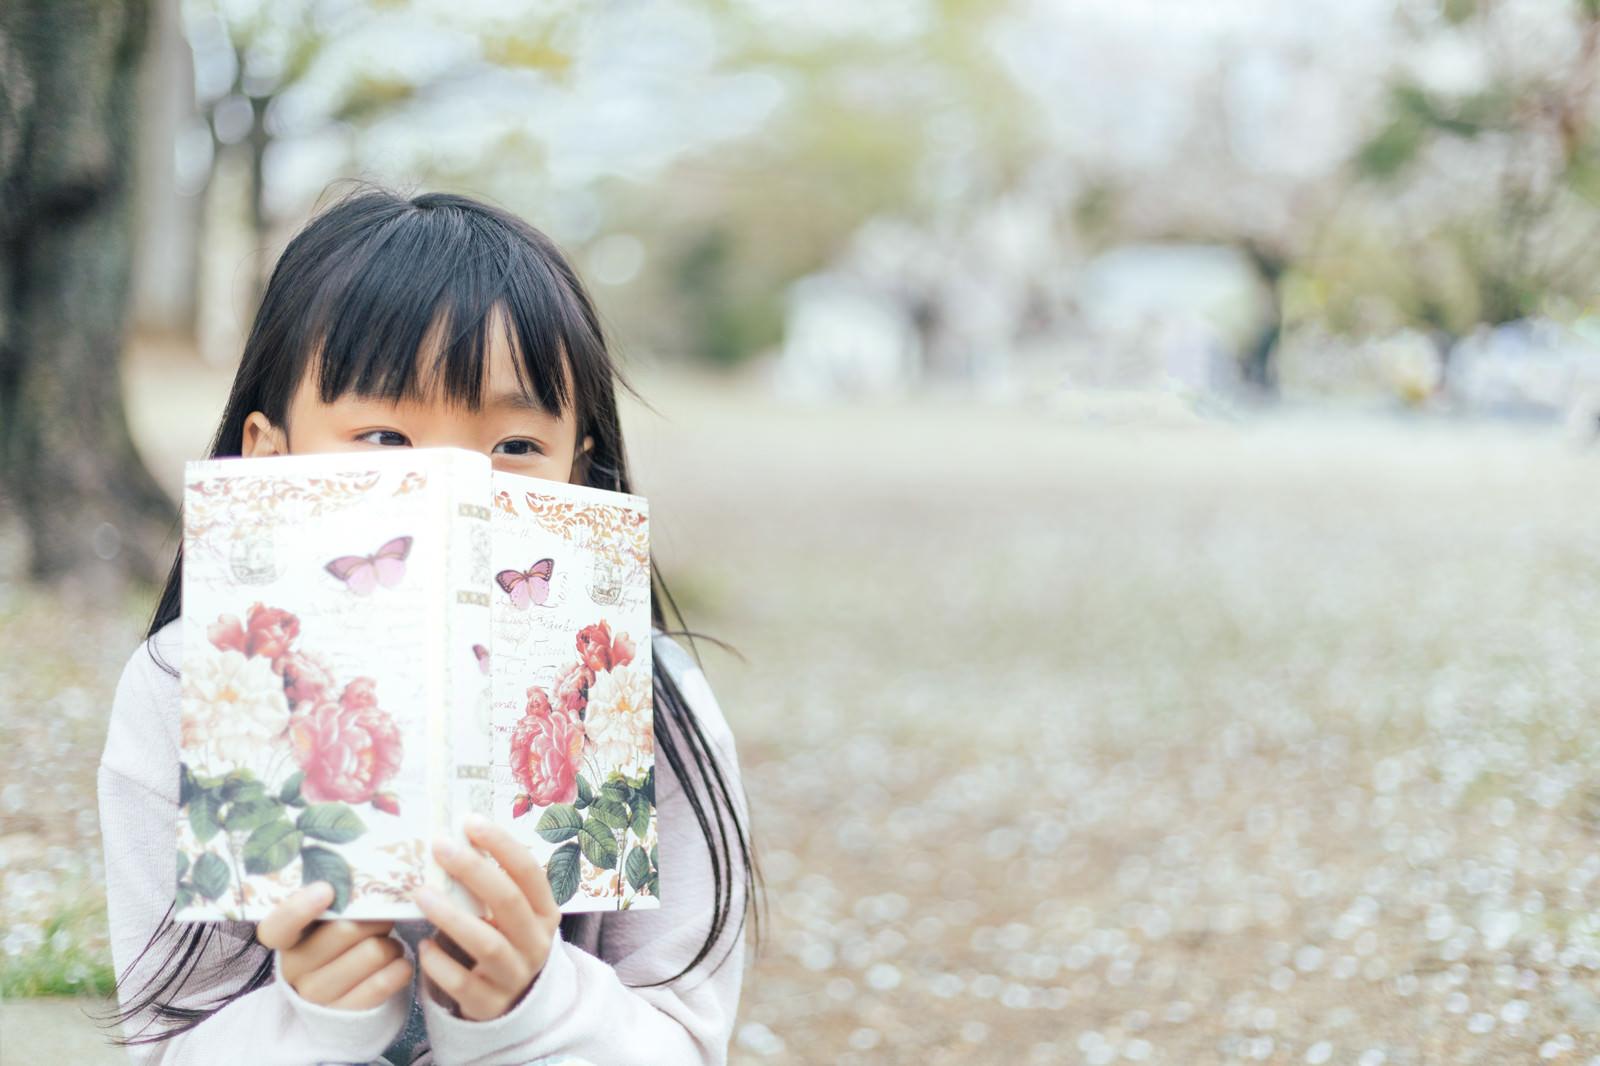 「聖書を読みながら考え事をするクリスチャンの少女」の写真[モデル:あんじゅ]